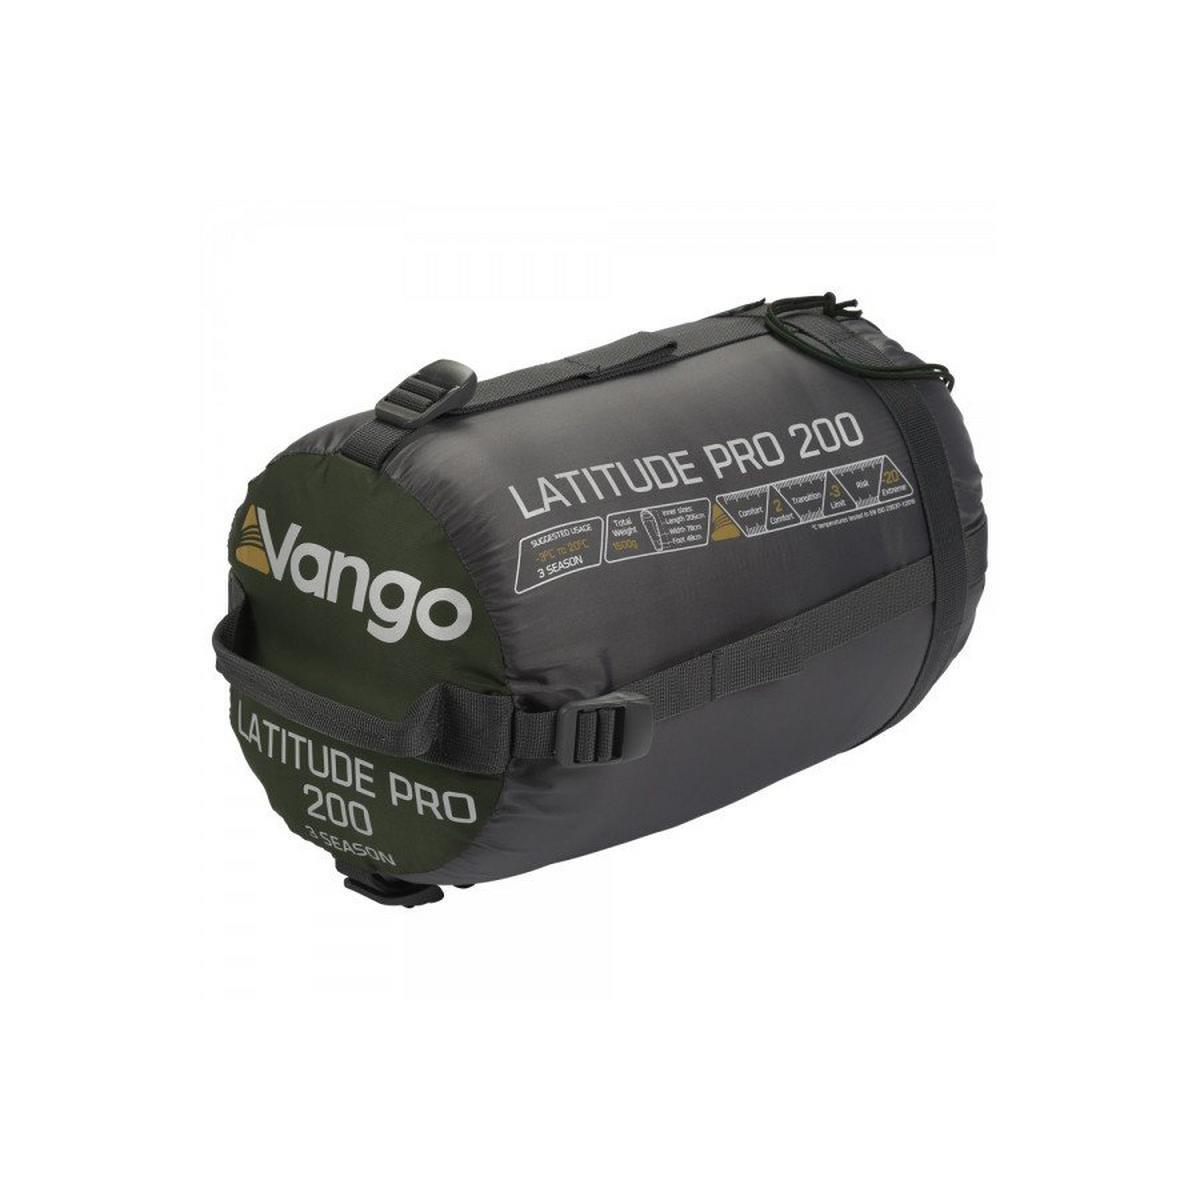 Vango Latitude Pro 200